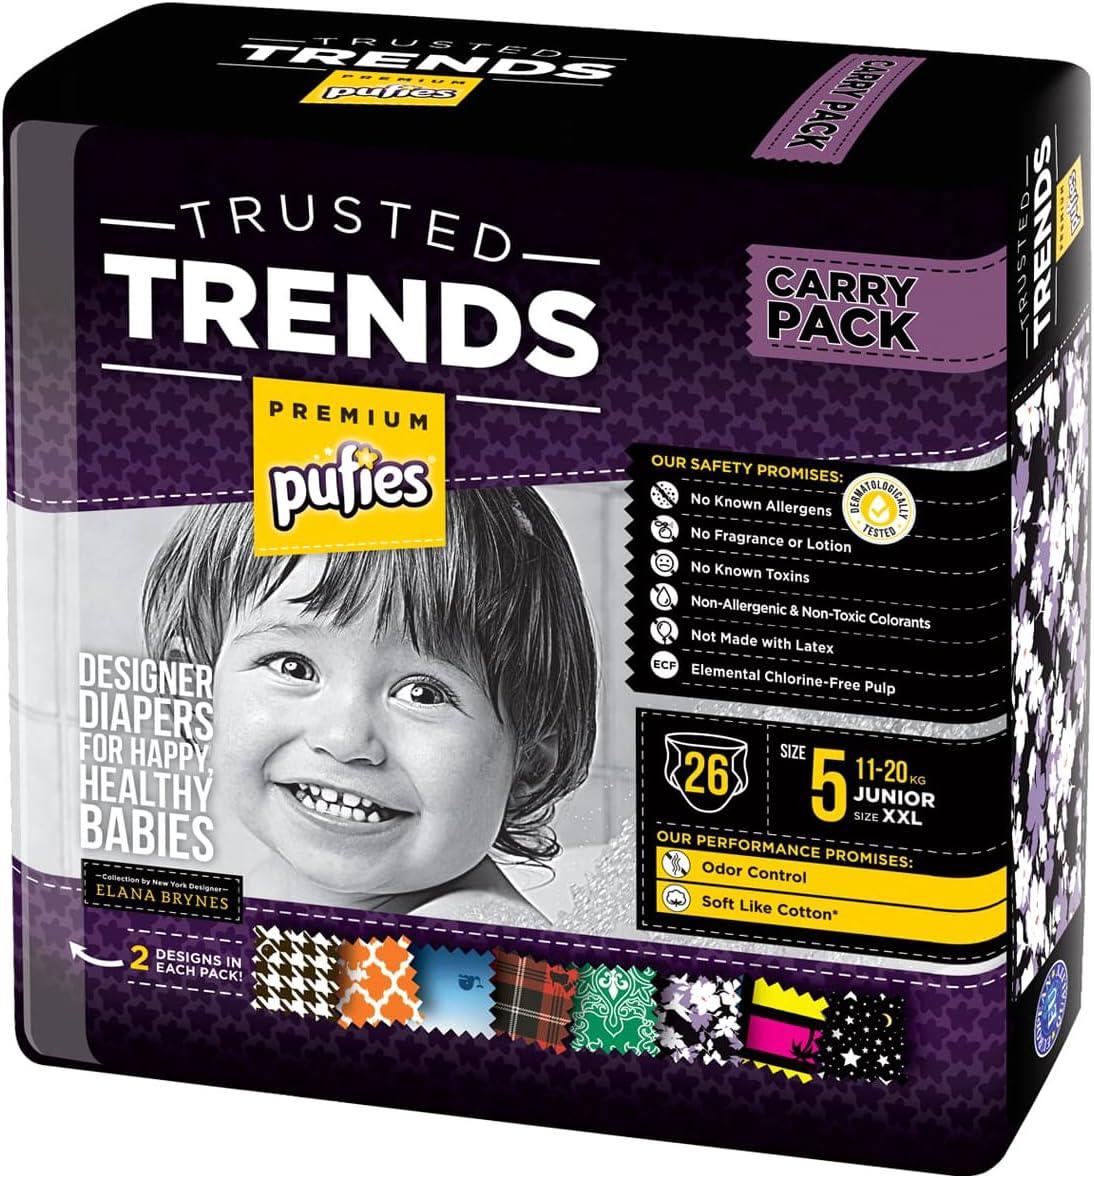 3-6 kg 144 pa/ñales estampados de la talla 2 Pufies Trusted Trends Paquete de pa/ñales para beb/é con dise/ños Scallop